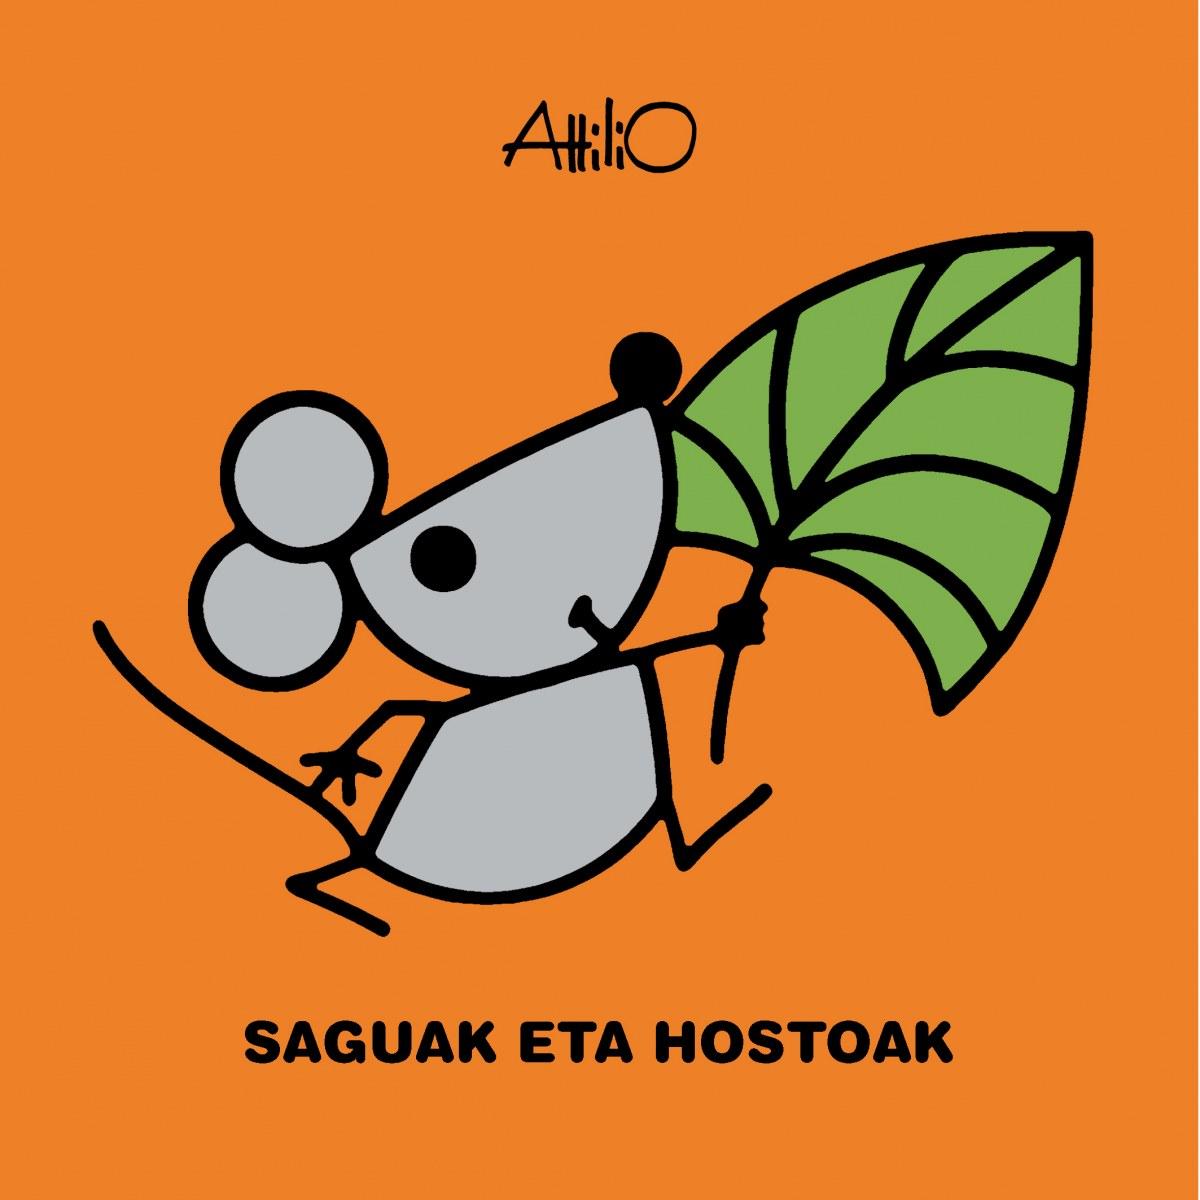 SAGUAK ETA HOSTOAK (título en cast. Los ratones y las hojas)